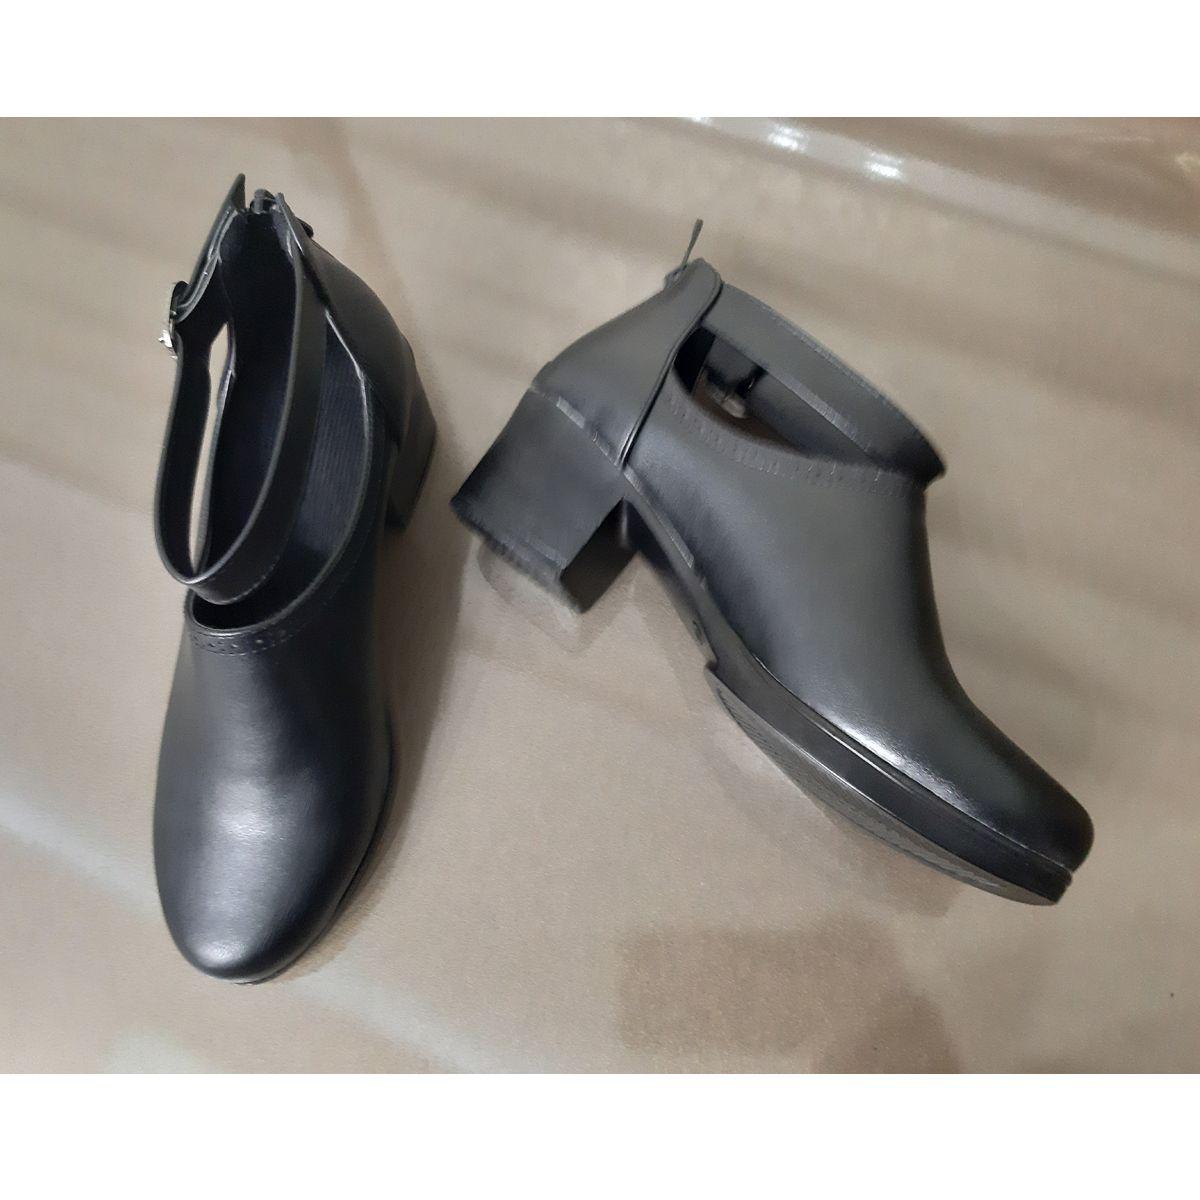 کفش زنانه مدل te65241 -  - 4